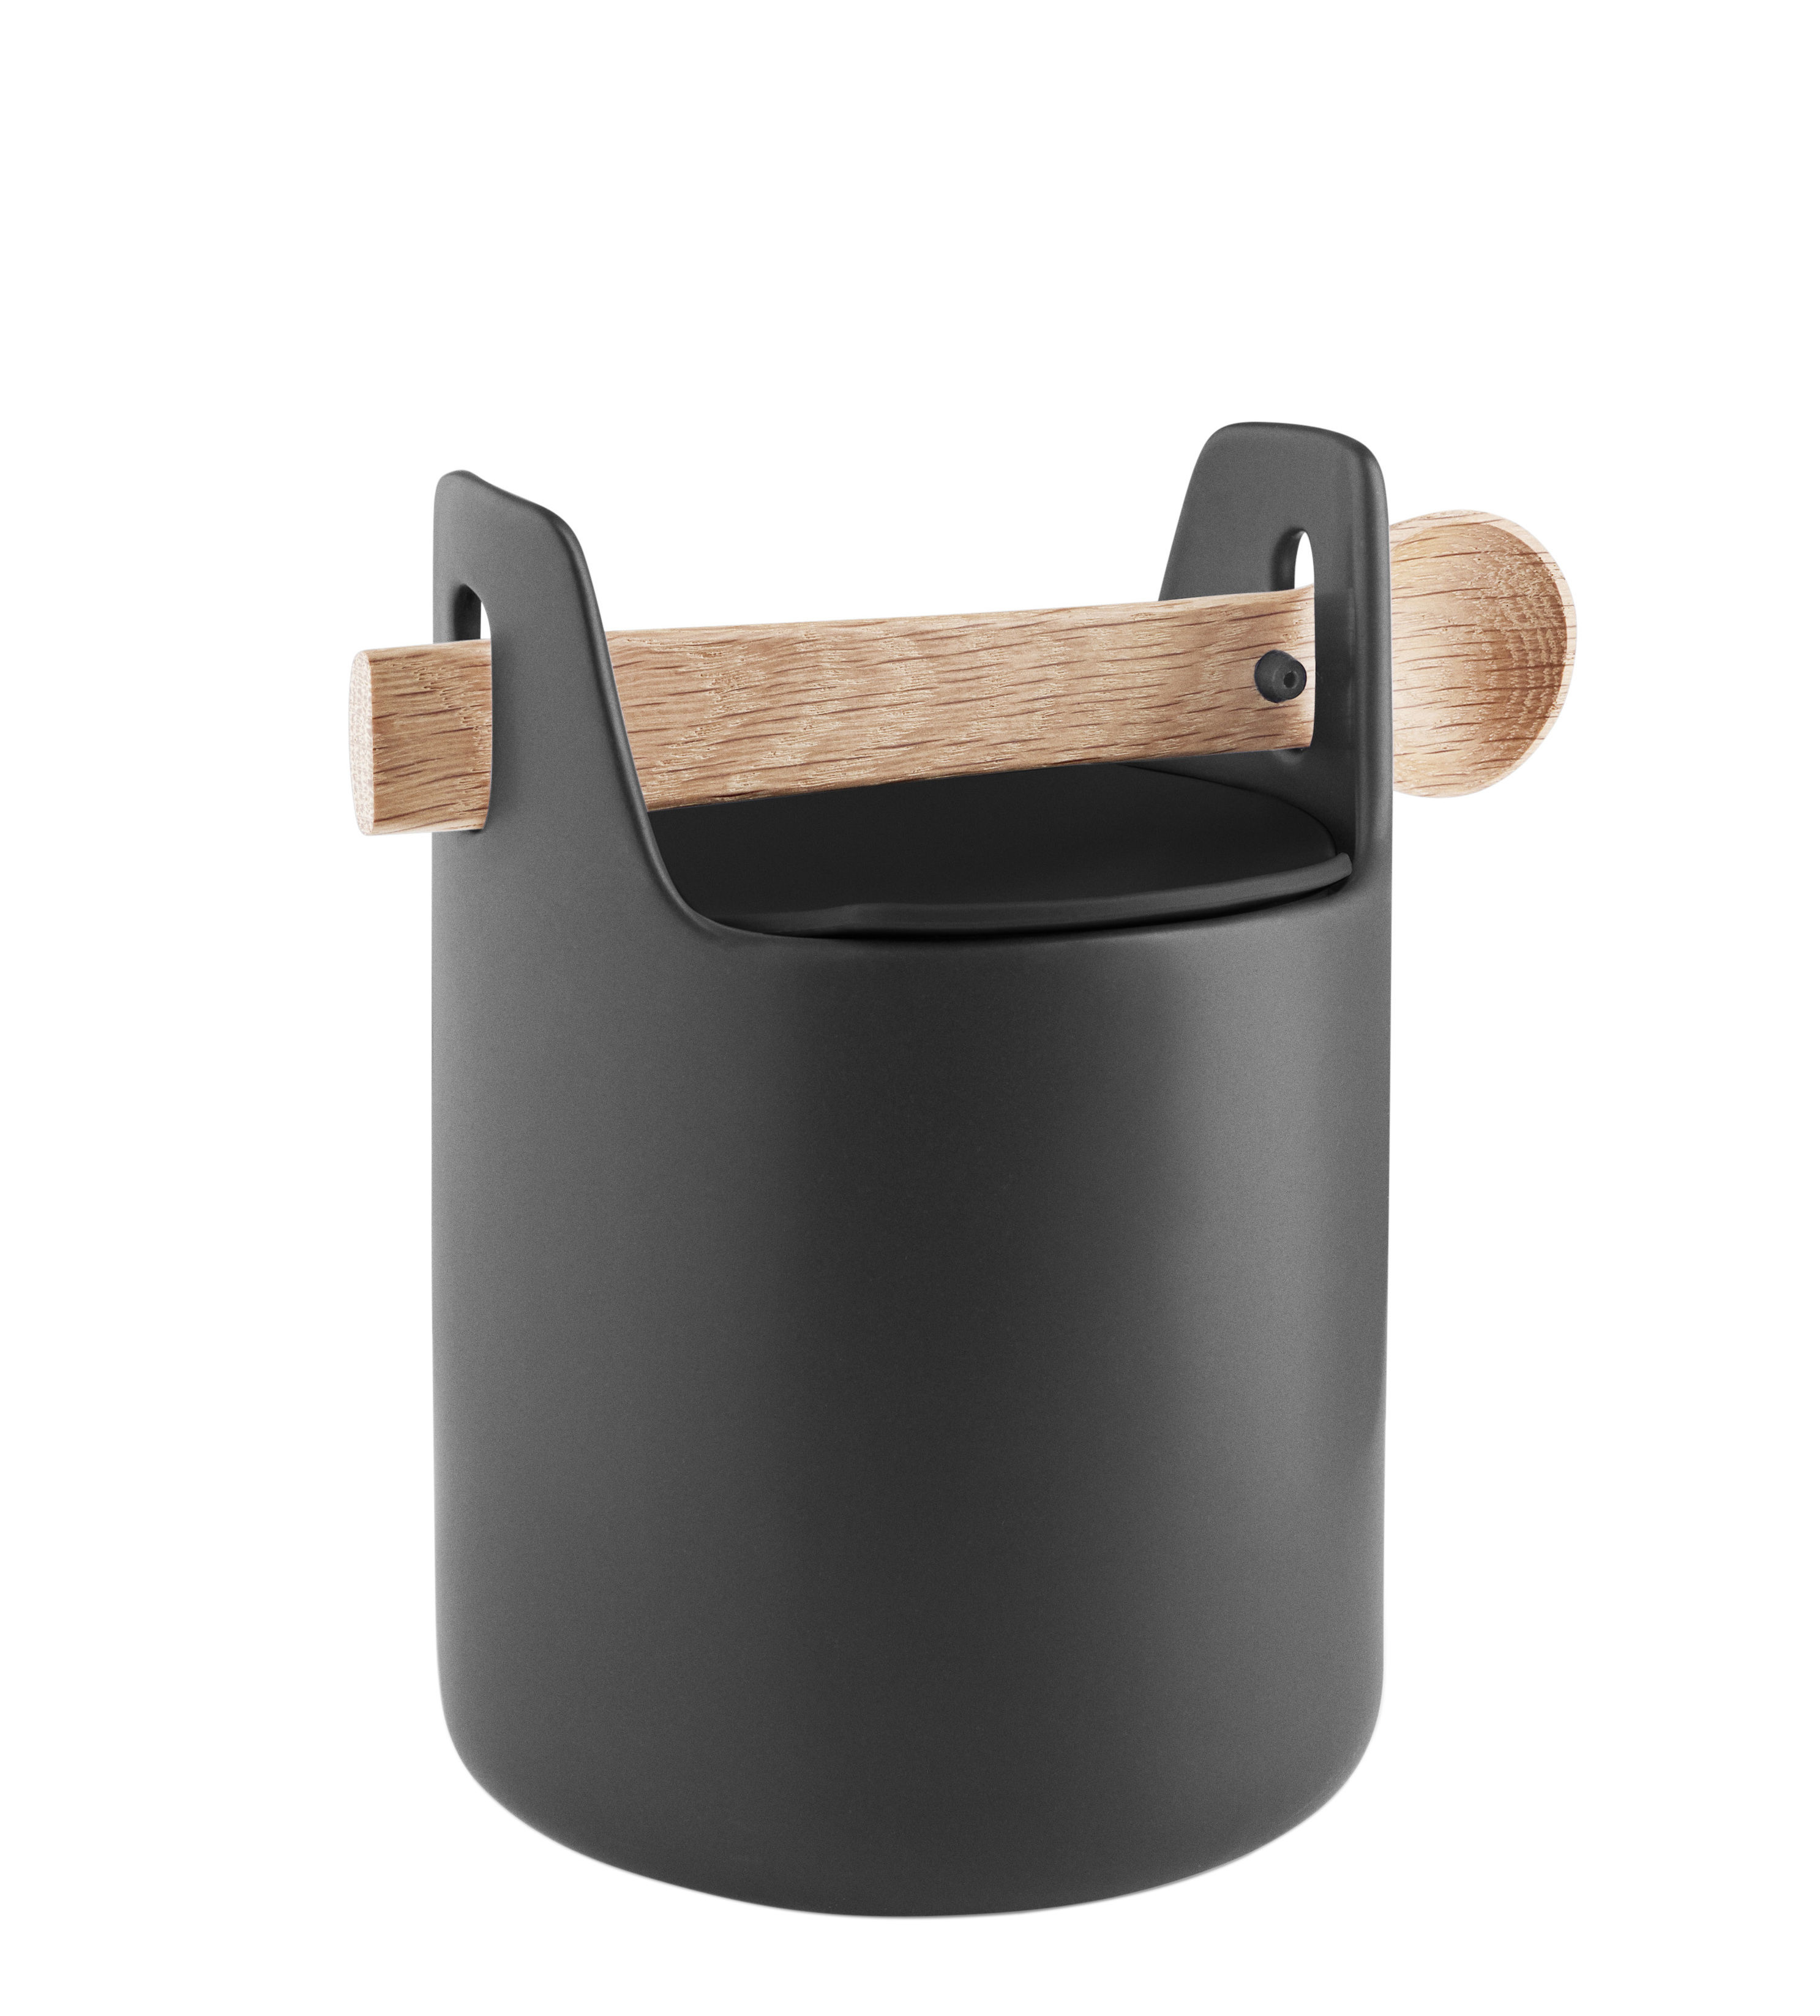 Cuisine - Boîtes, pots et bocaux - Pot hermétique Toolbox Small / Couvercle & cuillère en bois - Eva Solo - Noir / Chêne - Céramique, Chêne massif, Silicone